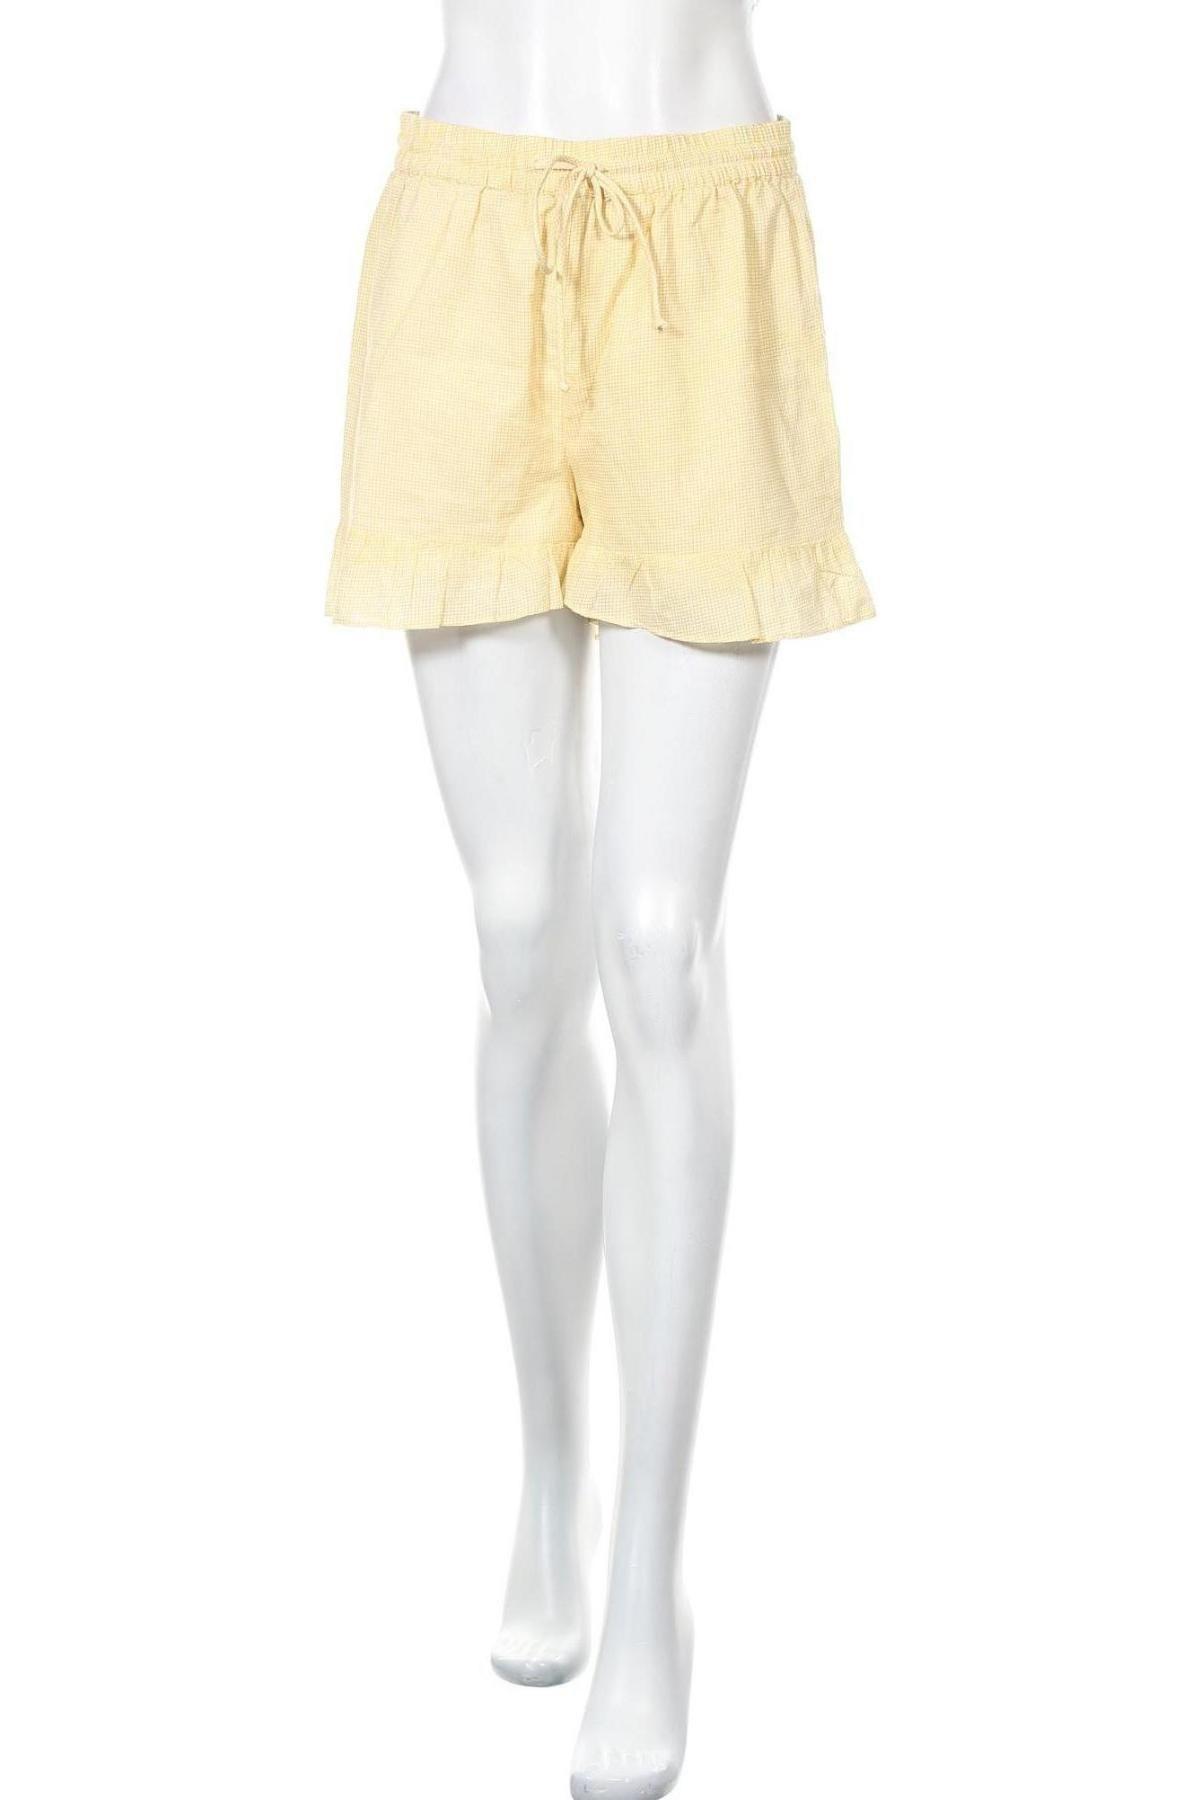 Γυναικείο κοντό παντελόνι Vero Moda, Μέγεθος M, Χρώμα Κίτρινο, Βαμβάκι, Τιμή 10,83€